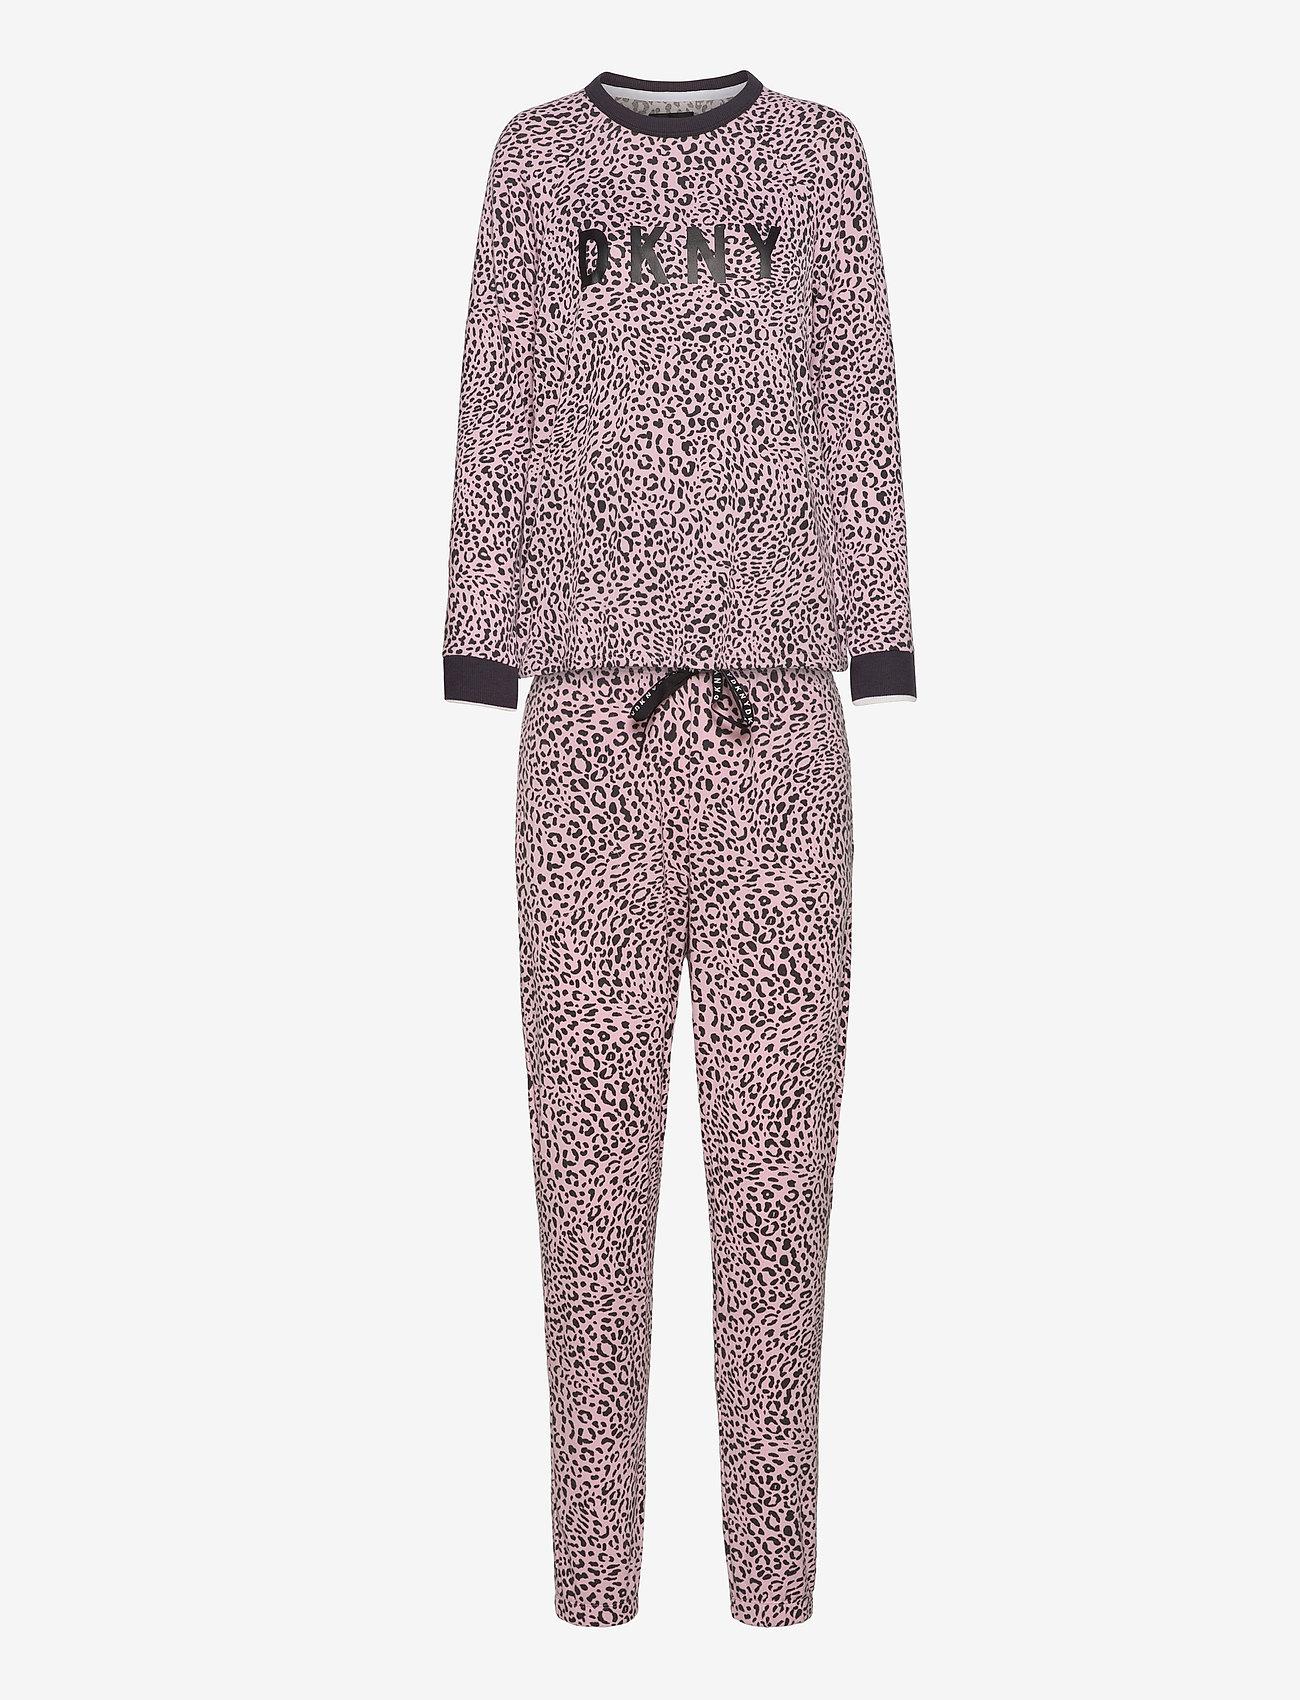 DKNY Homewear - DKNY NAME DROP TOP & JOGGER SET - pyjama''s - cosmos animal - 0